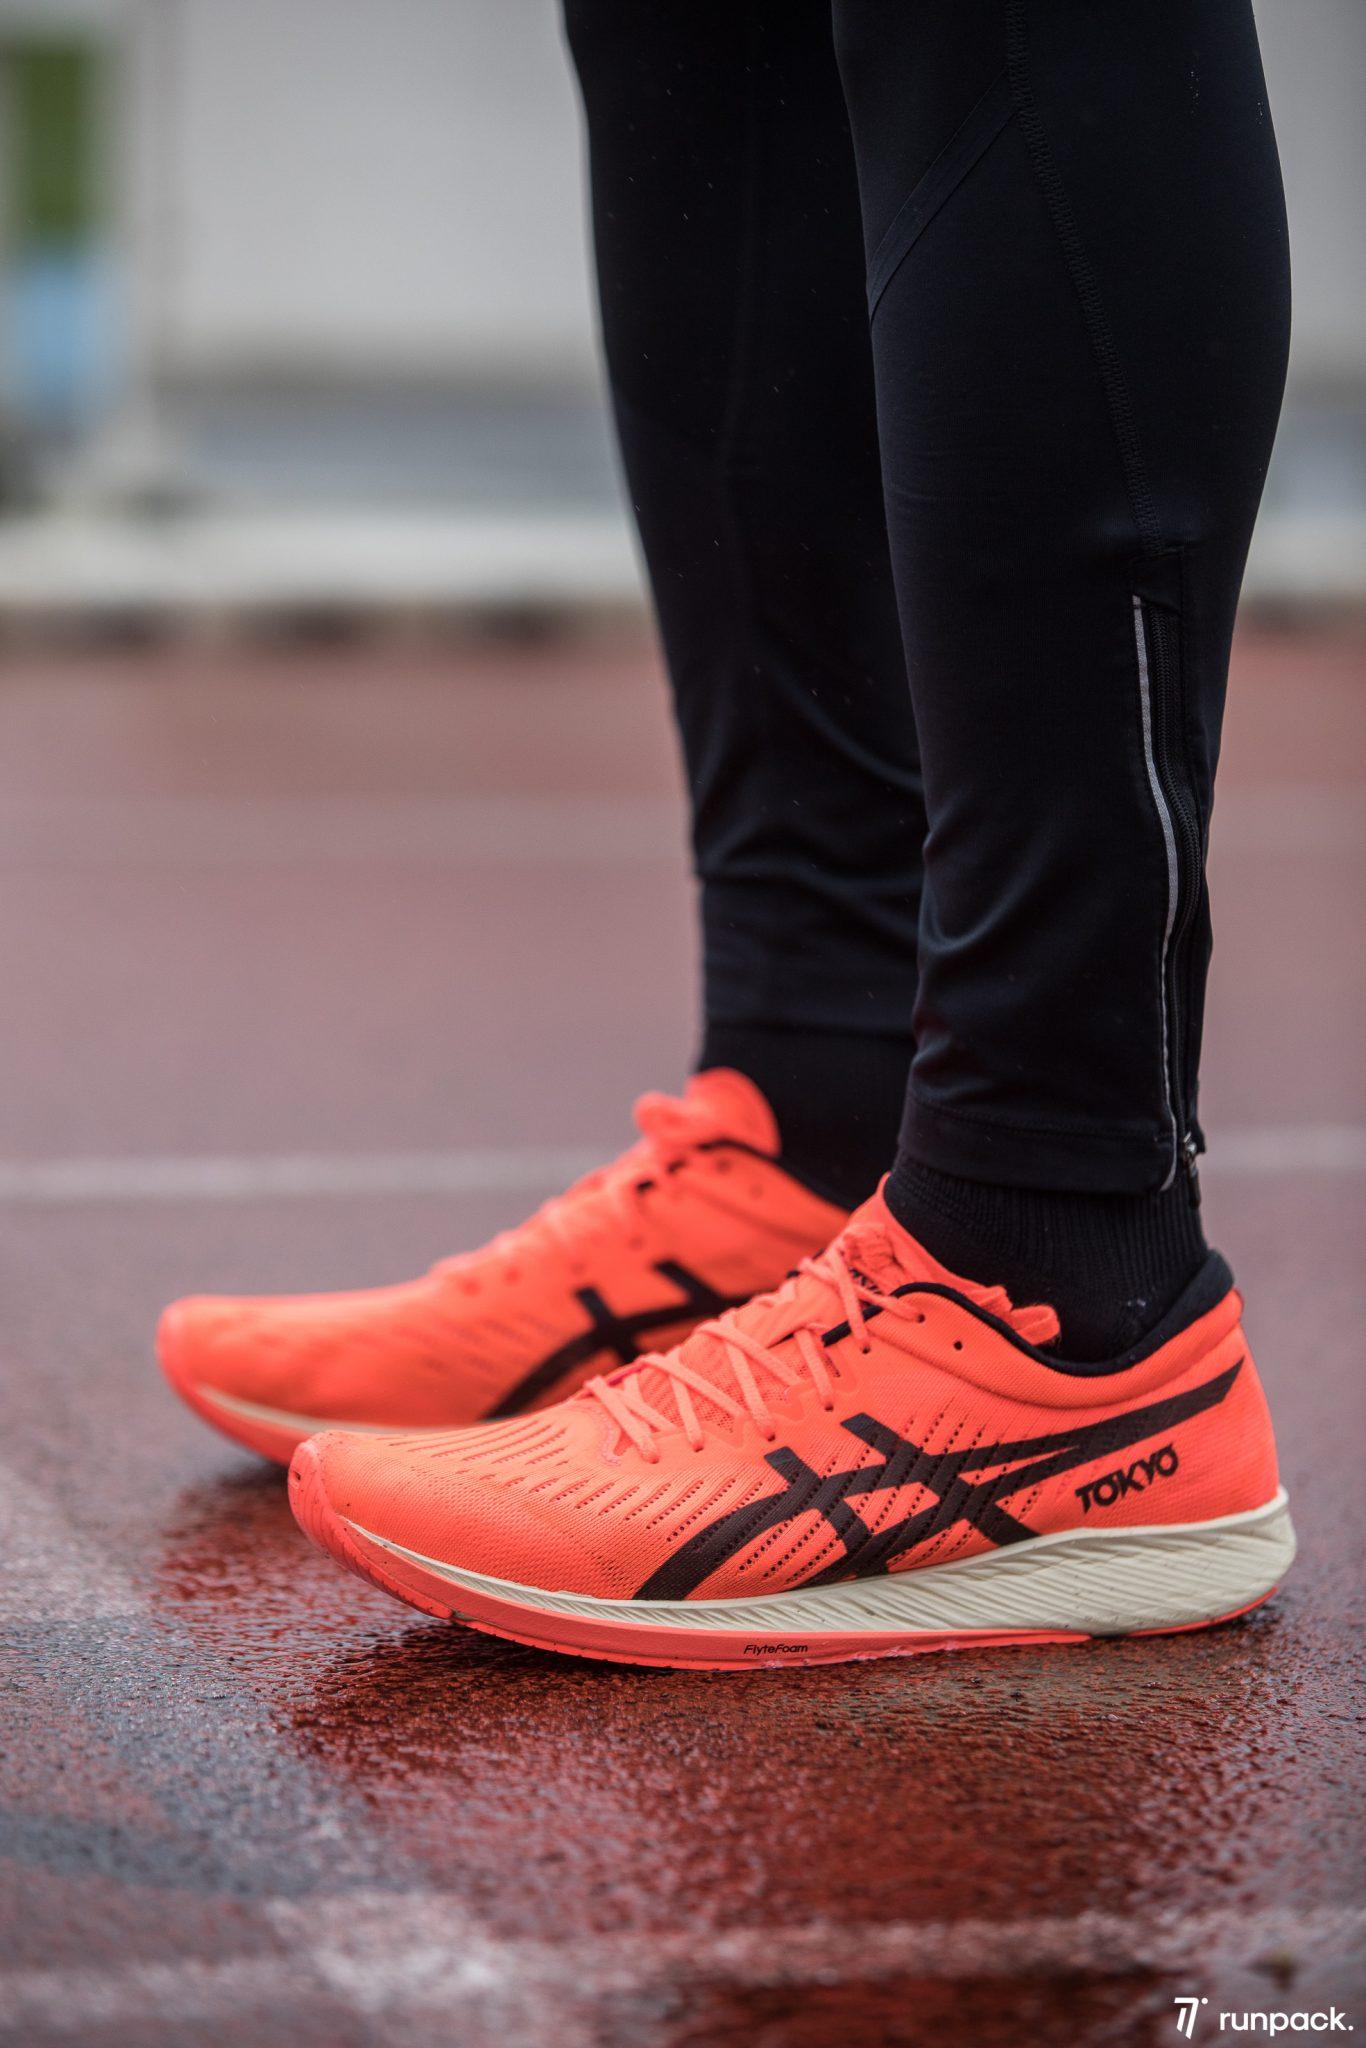 chaussures-plaques-de-carbone-running-runpack-3